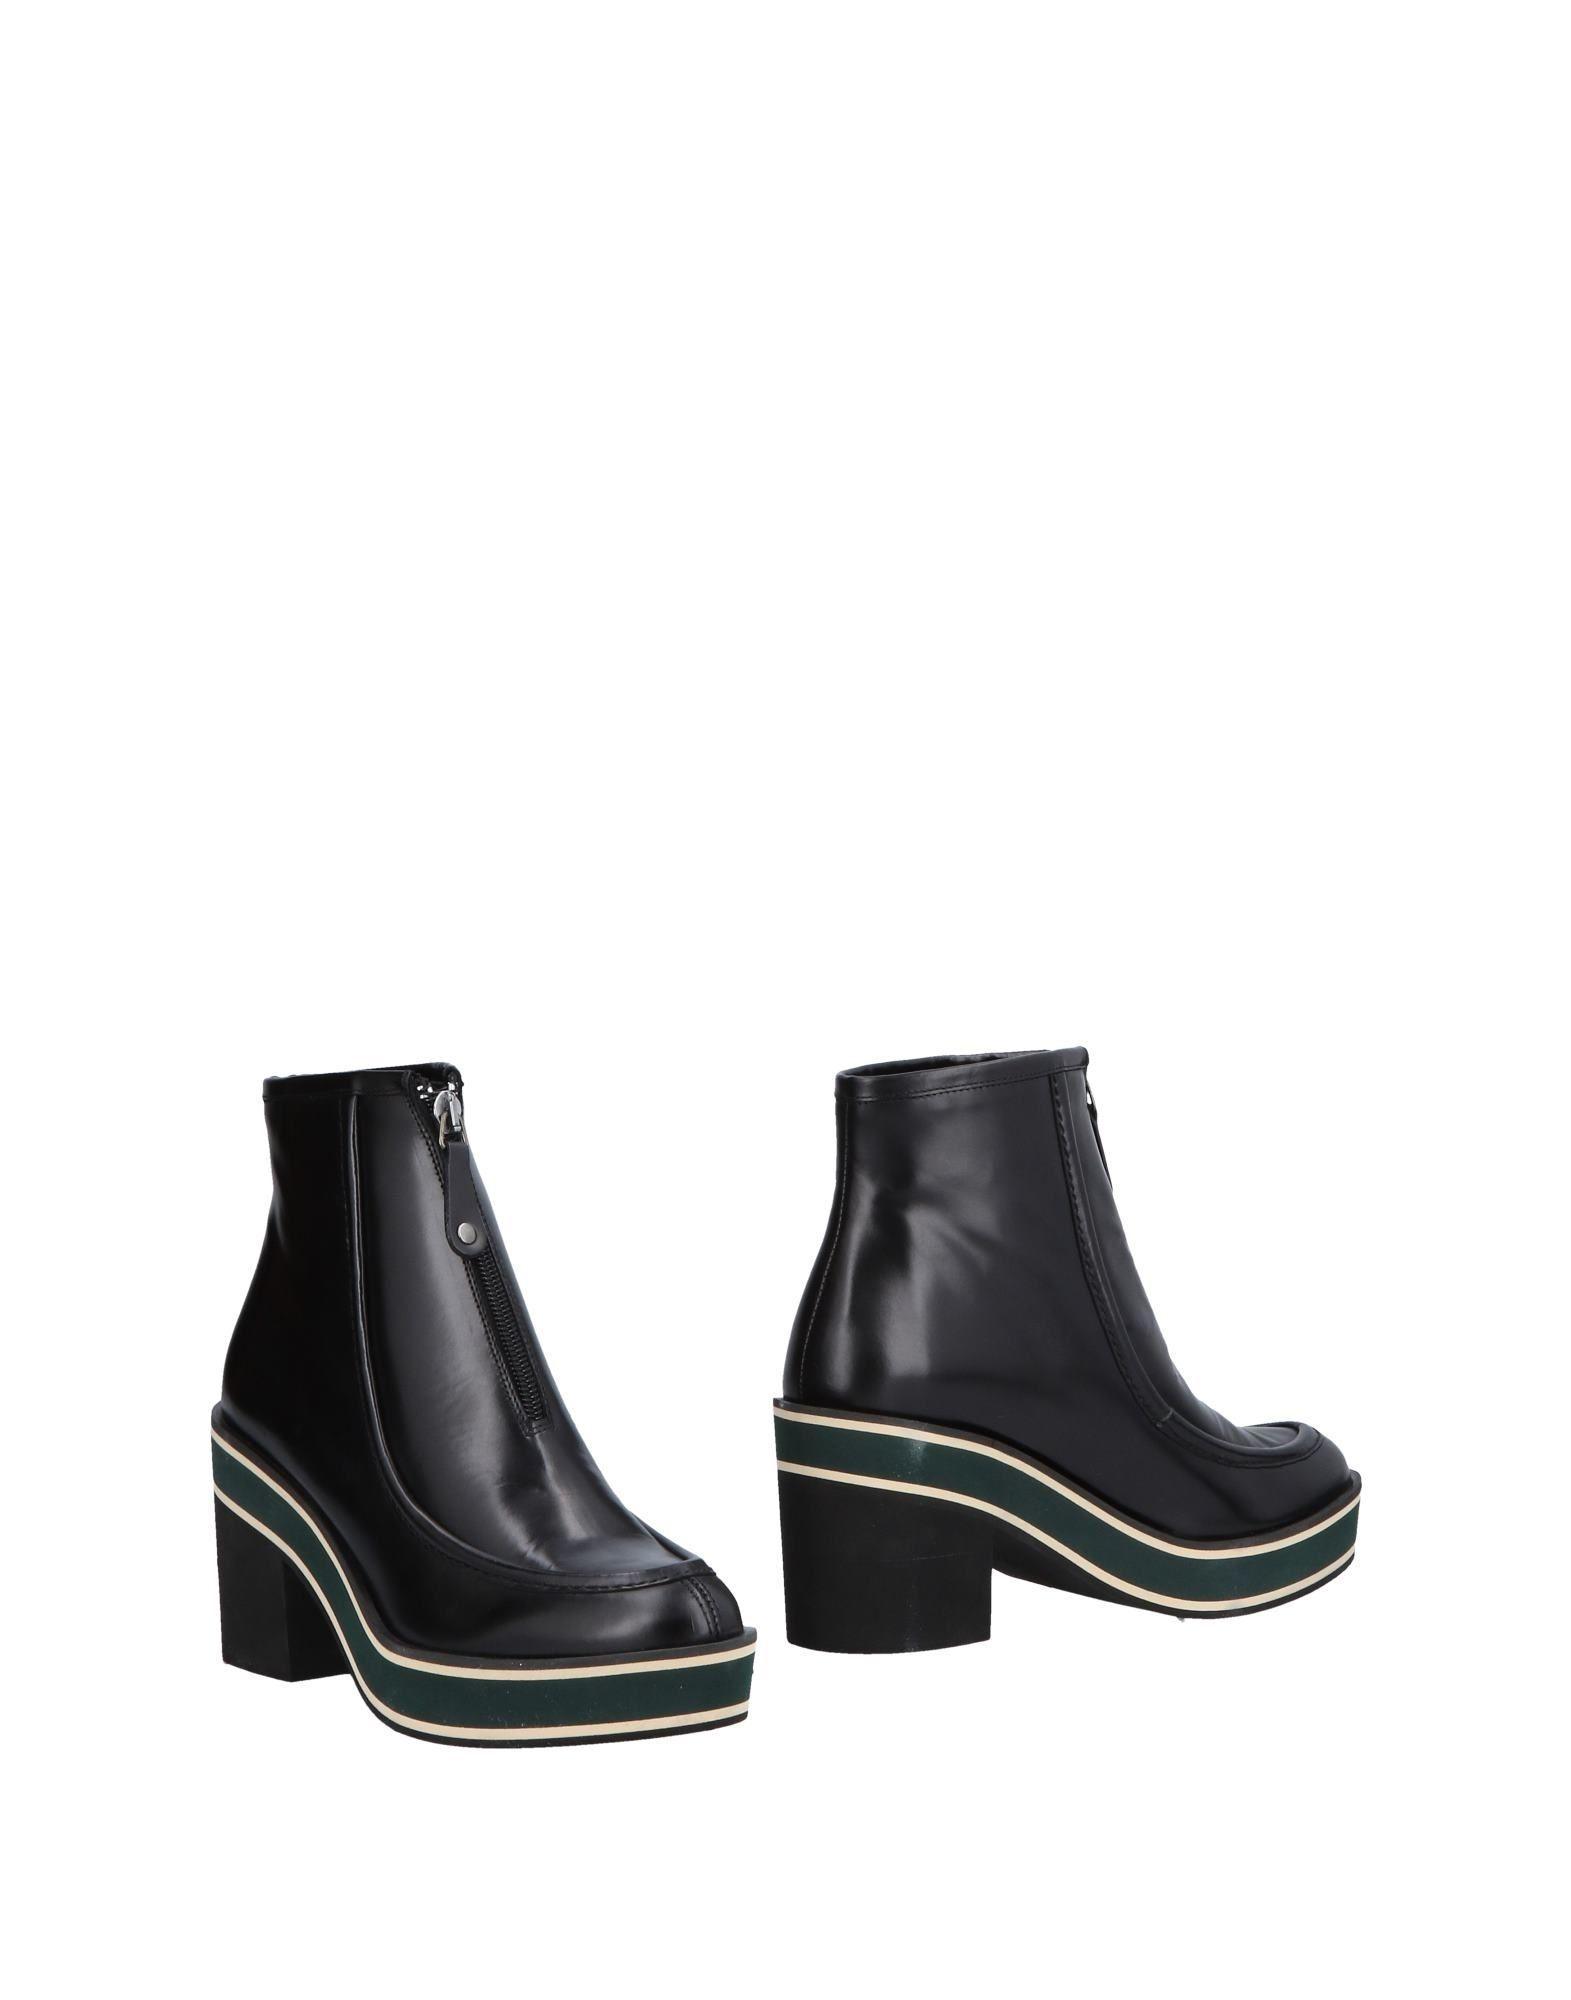 Paloma Barceló Schuhe Stiefelette Damen  11501180NT Neue Schuhe Barceló 88f36d